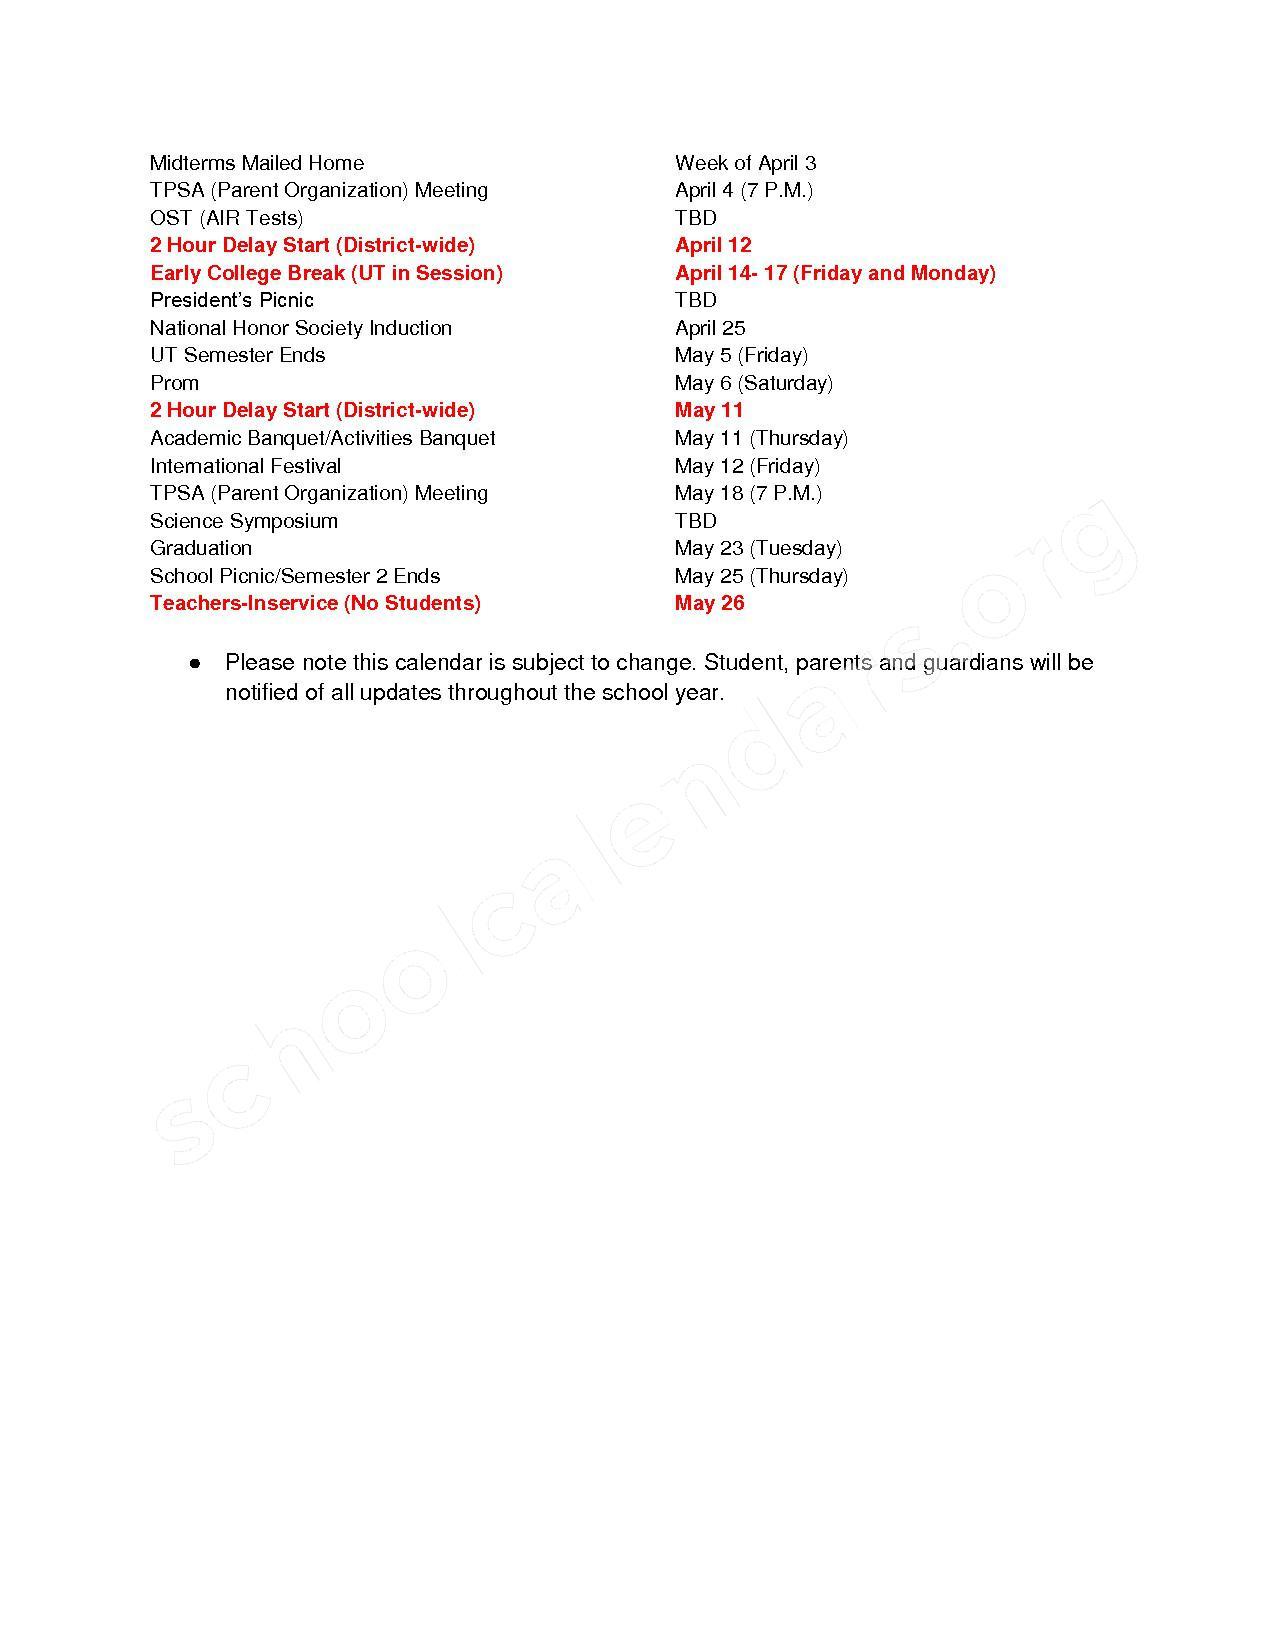 2016 - 2017 school calendar. – Toledo Public Schools – page 2